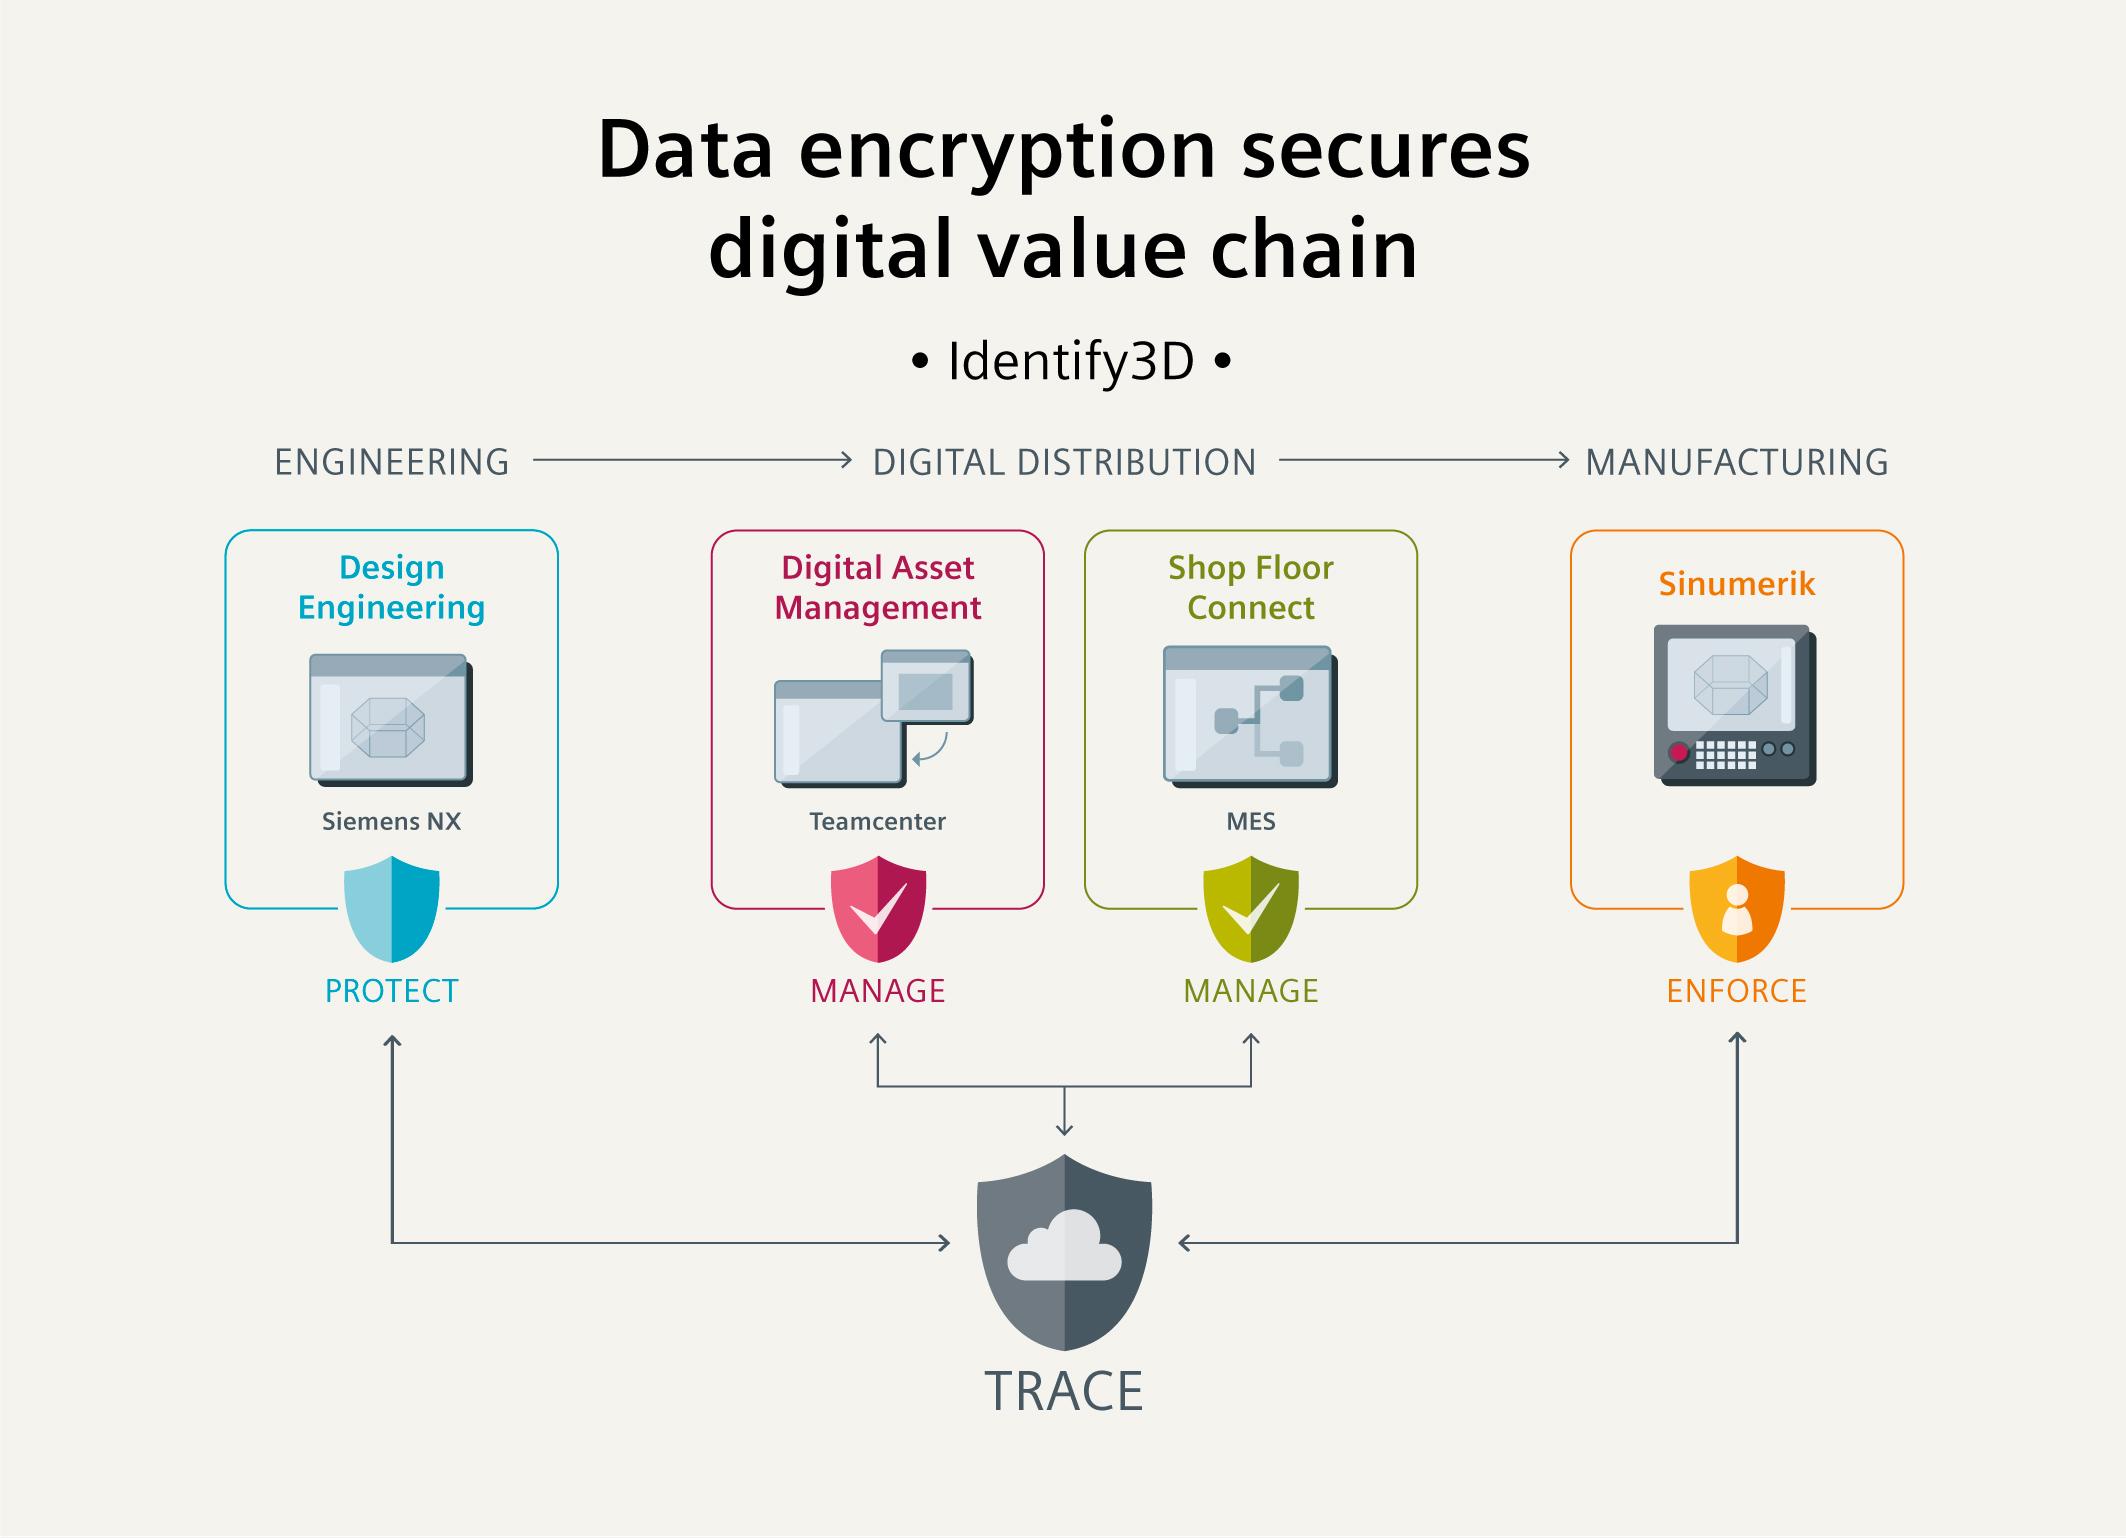 新闻图片_西门子以数据加密确保数字化价值链安全